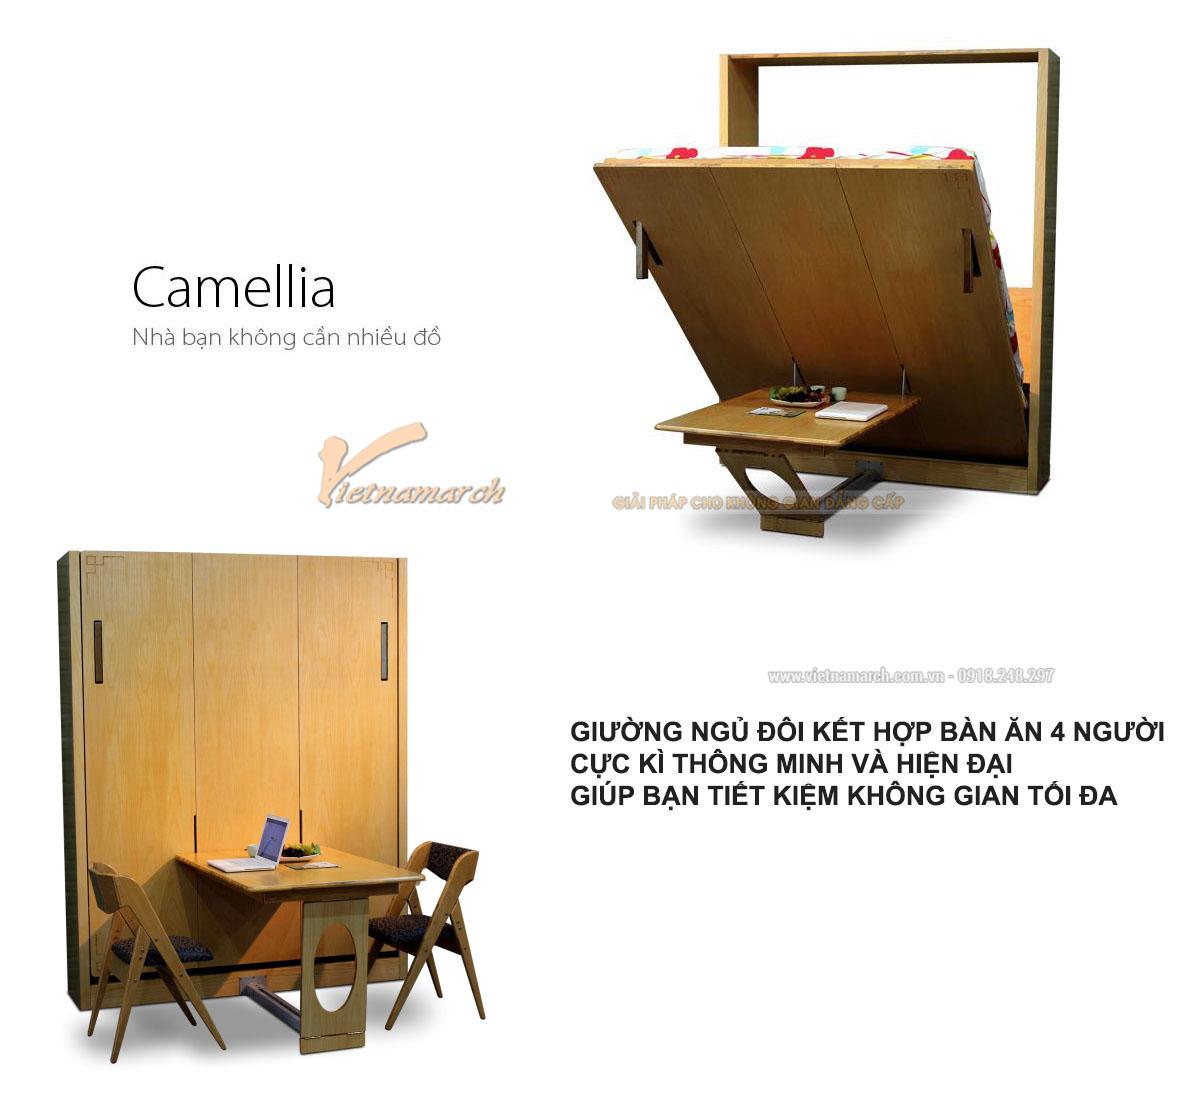 Chức năng của bộ sản phẩm bàn ăn 4 người + giường đôi Camellia.